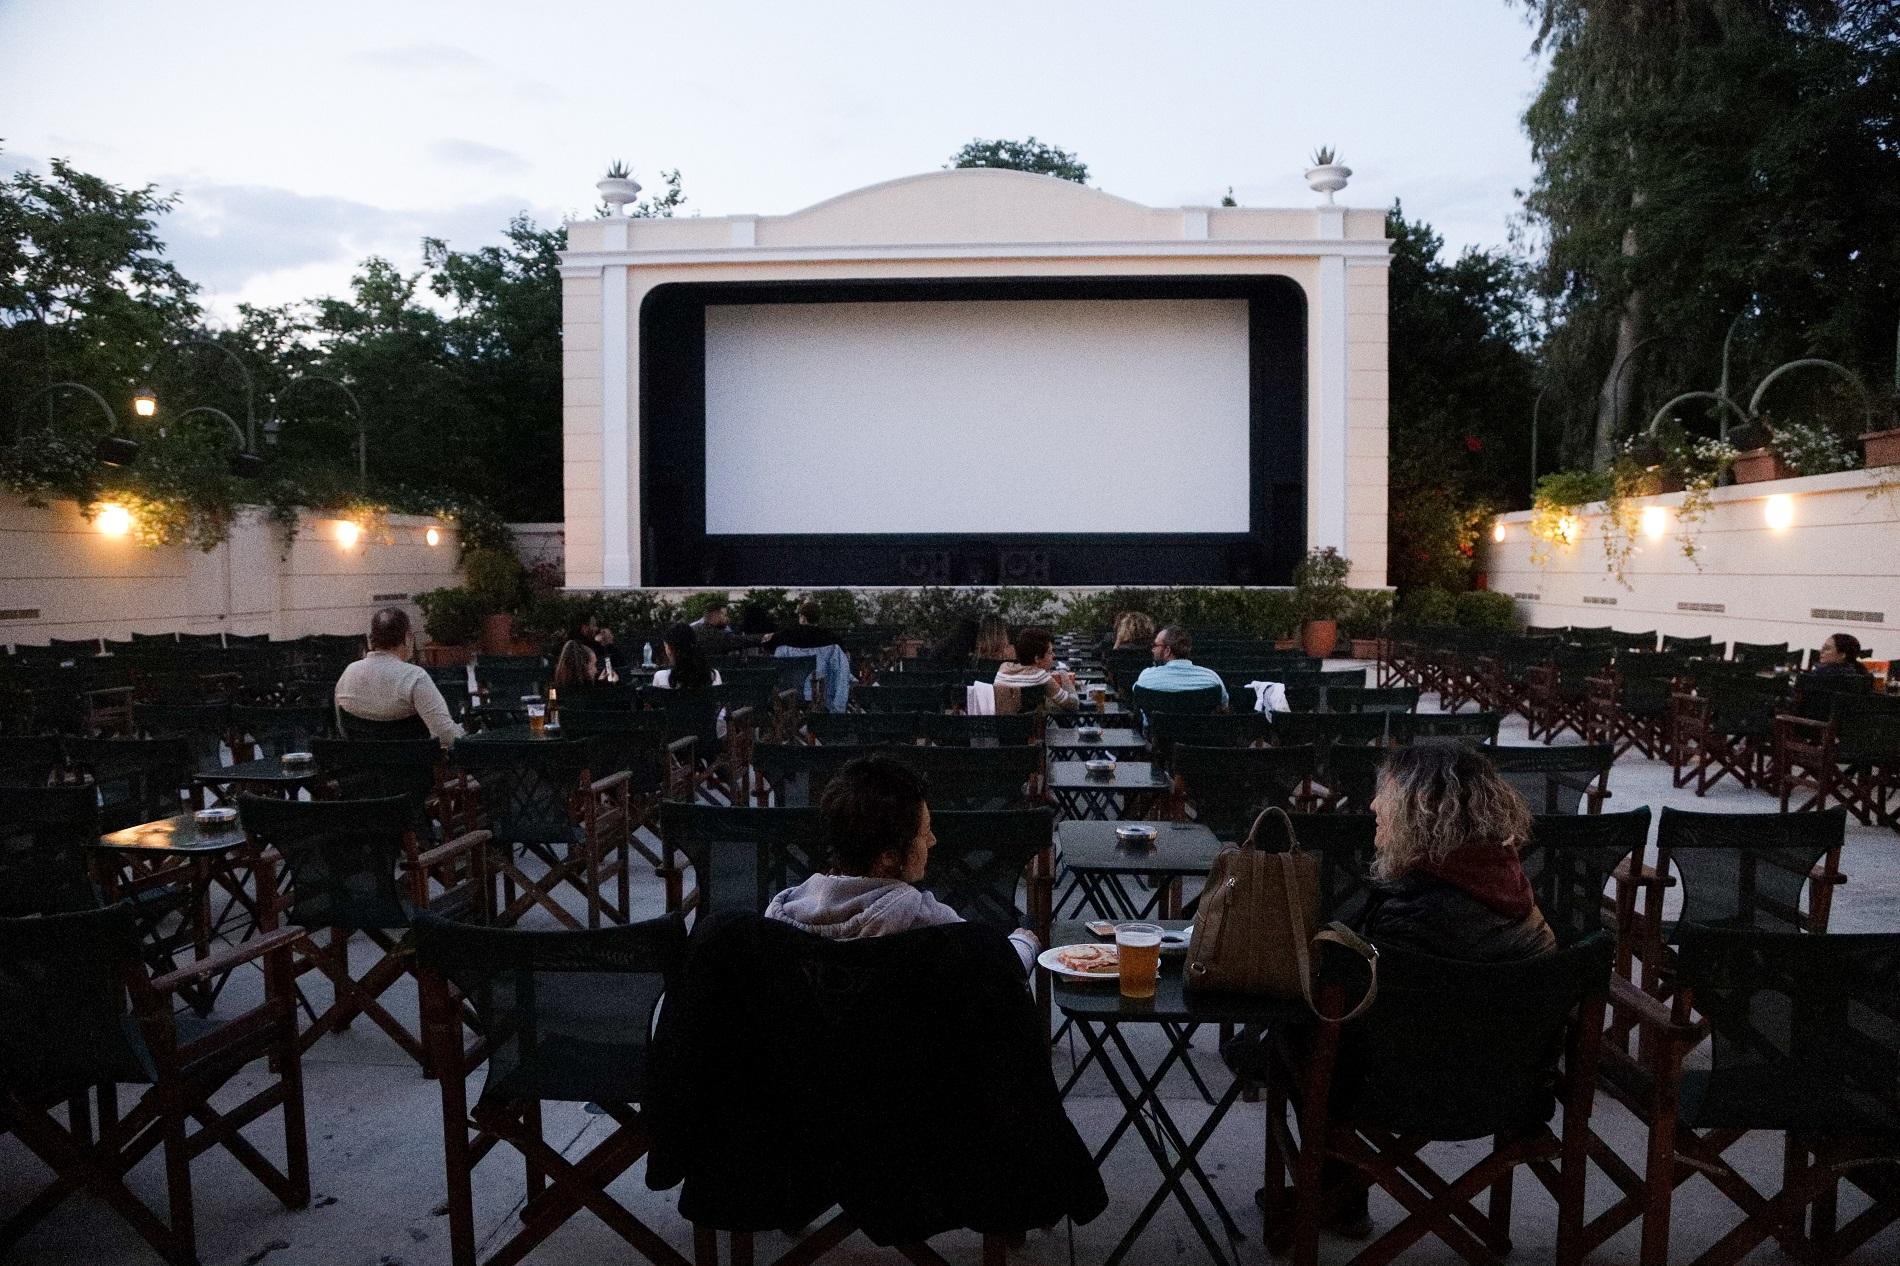 Ν. Γιατρομανωλάκης: Τον Μάιο ανοίγουν τα μουσεία – Το σχέδιο για συναυλίες, κινηματογράφους (audio)